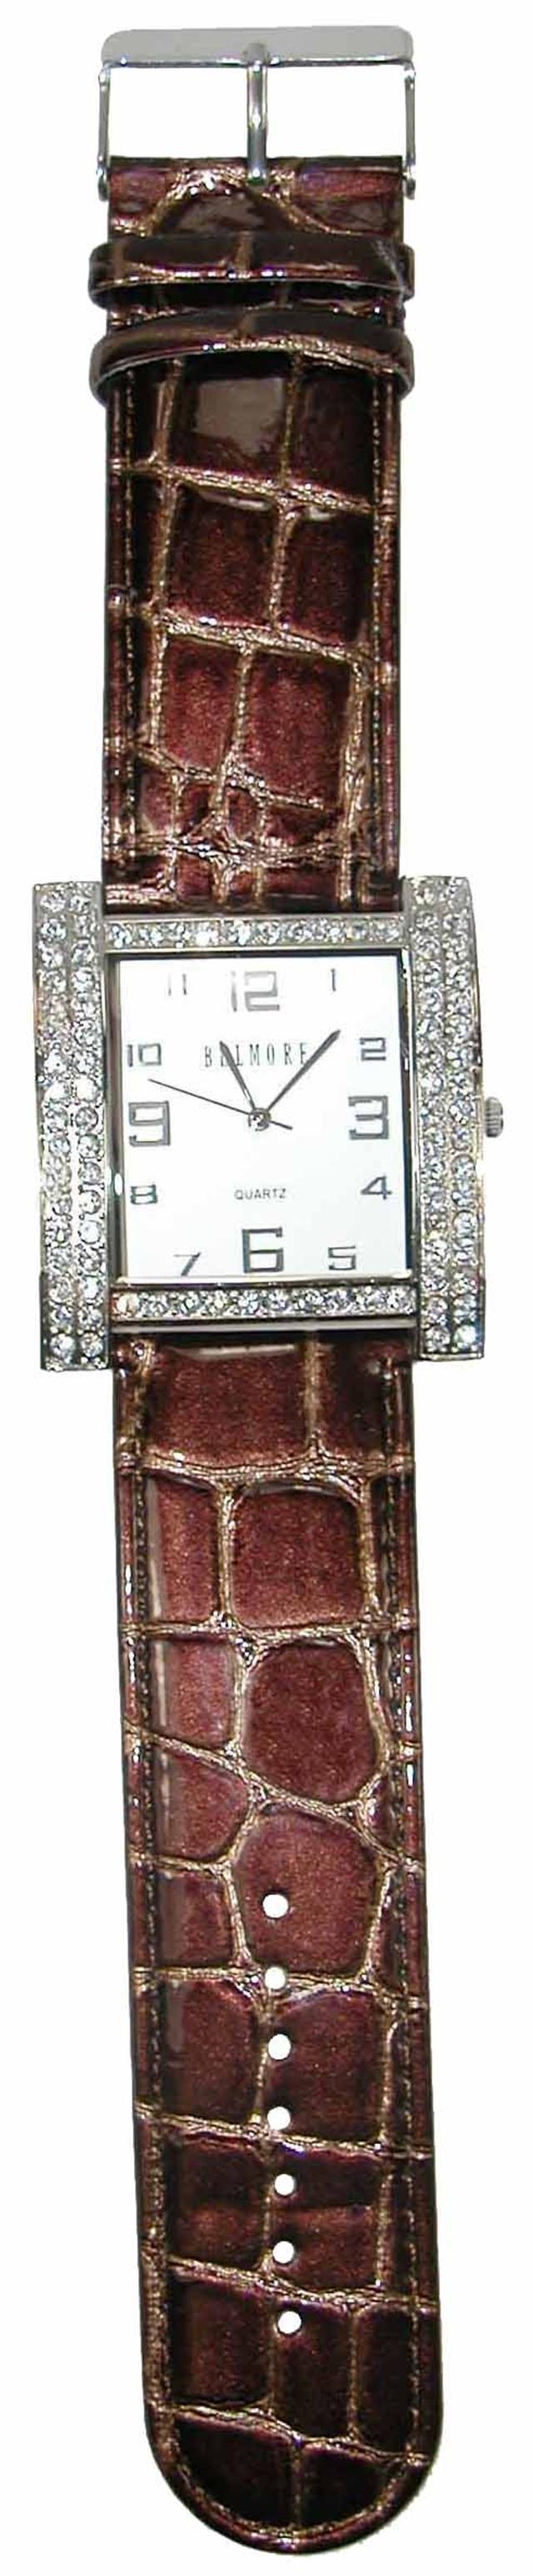 Damskie zegarki Bijou Brigitte - zdjęcie